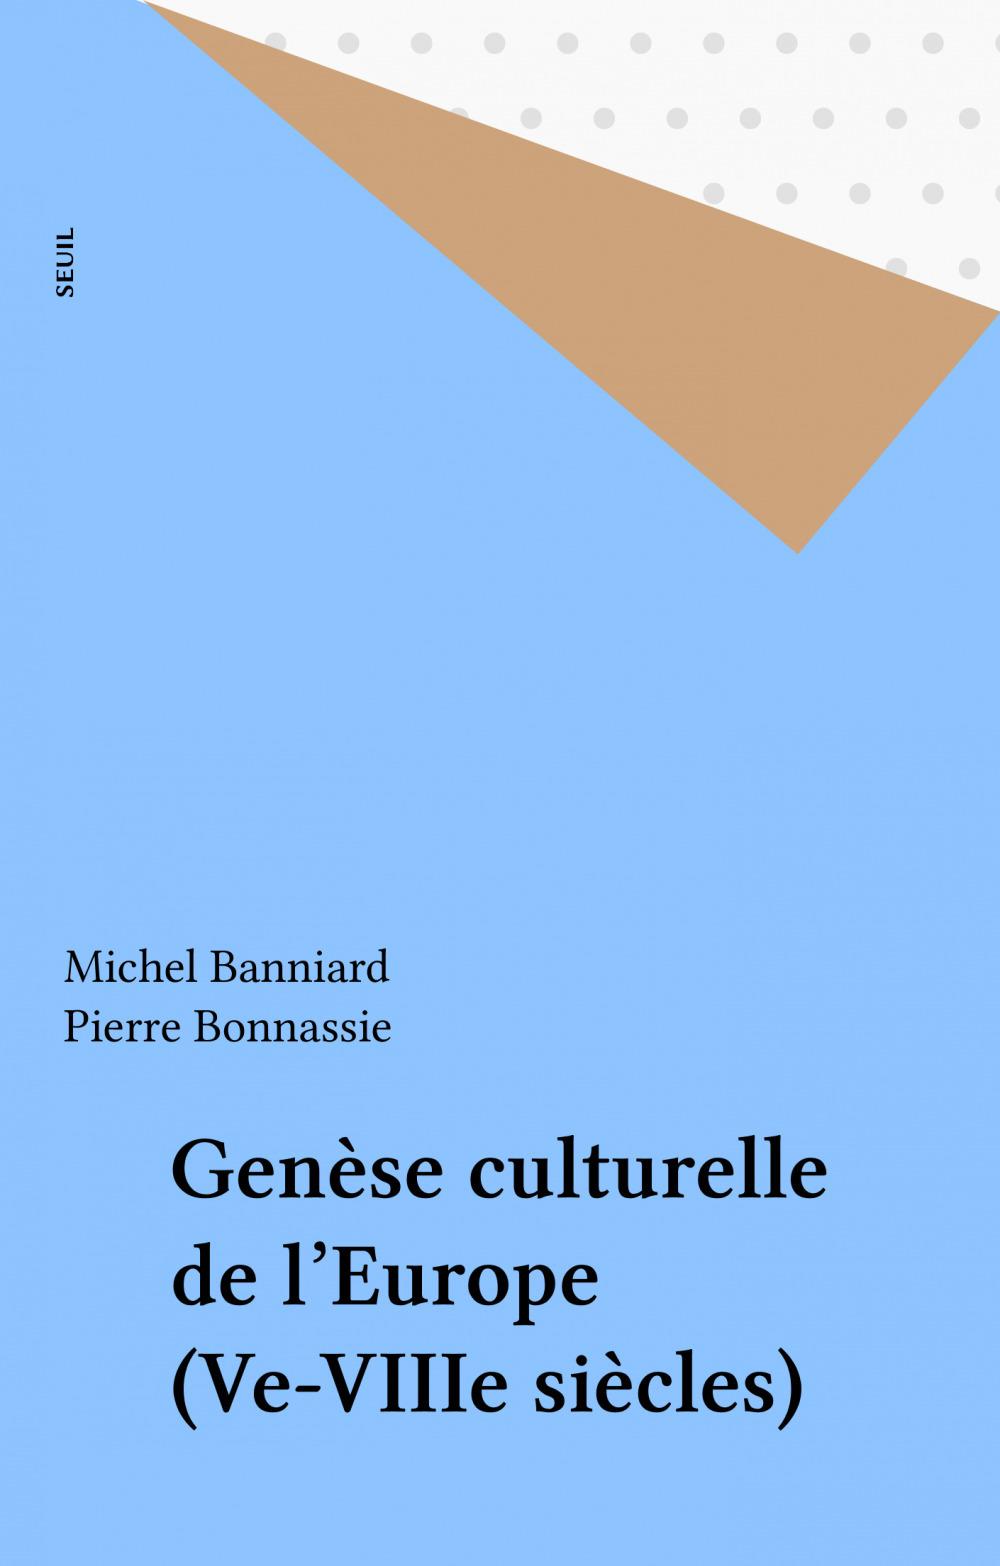 Genèse culturelle de l'Europe (Ve-VIIIe siècles)  - Michel Banniard